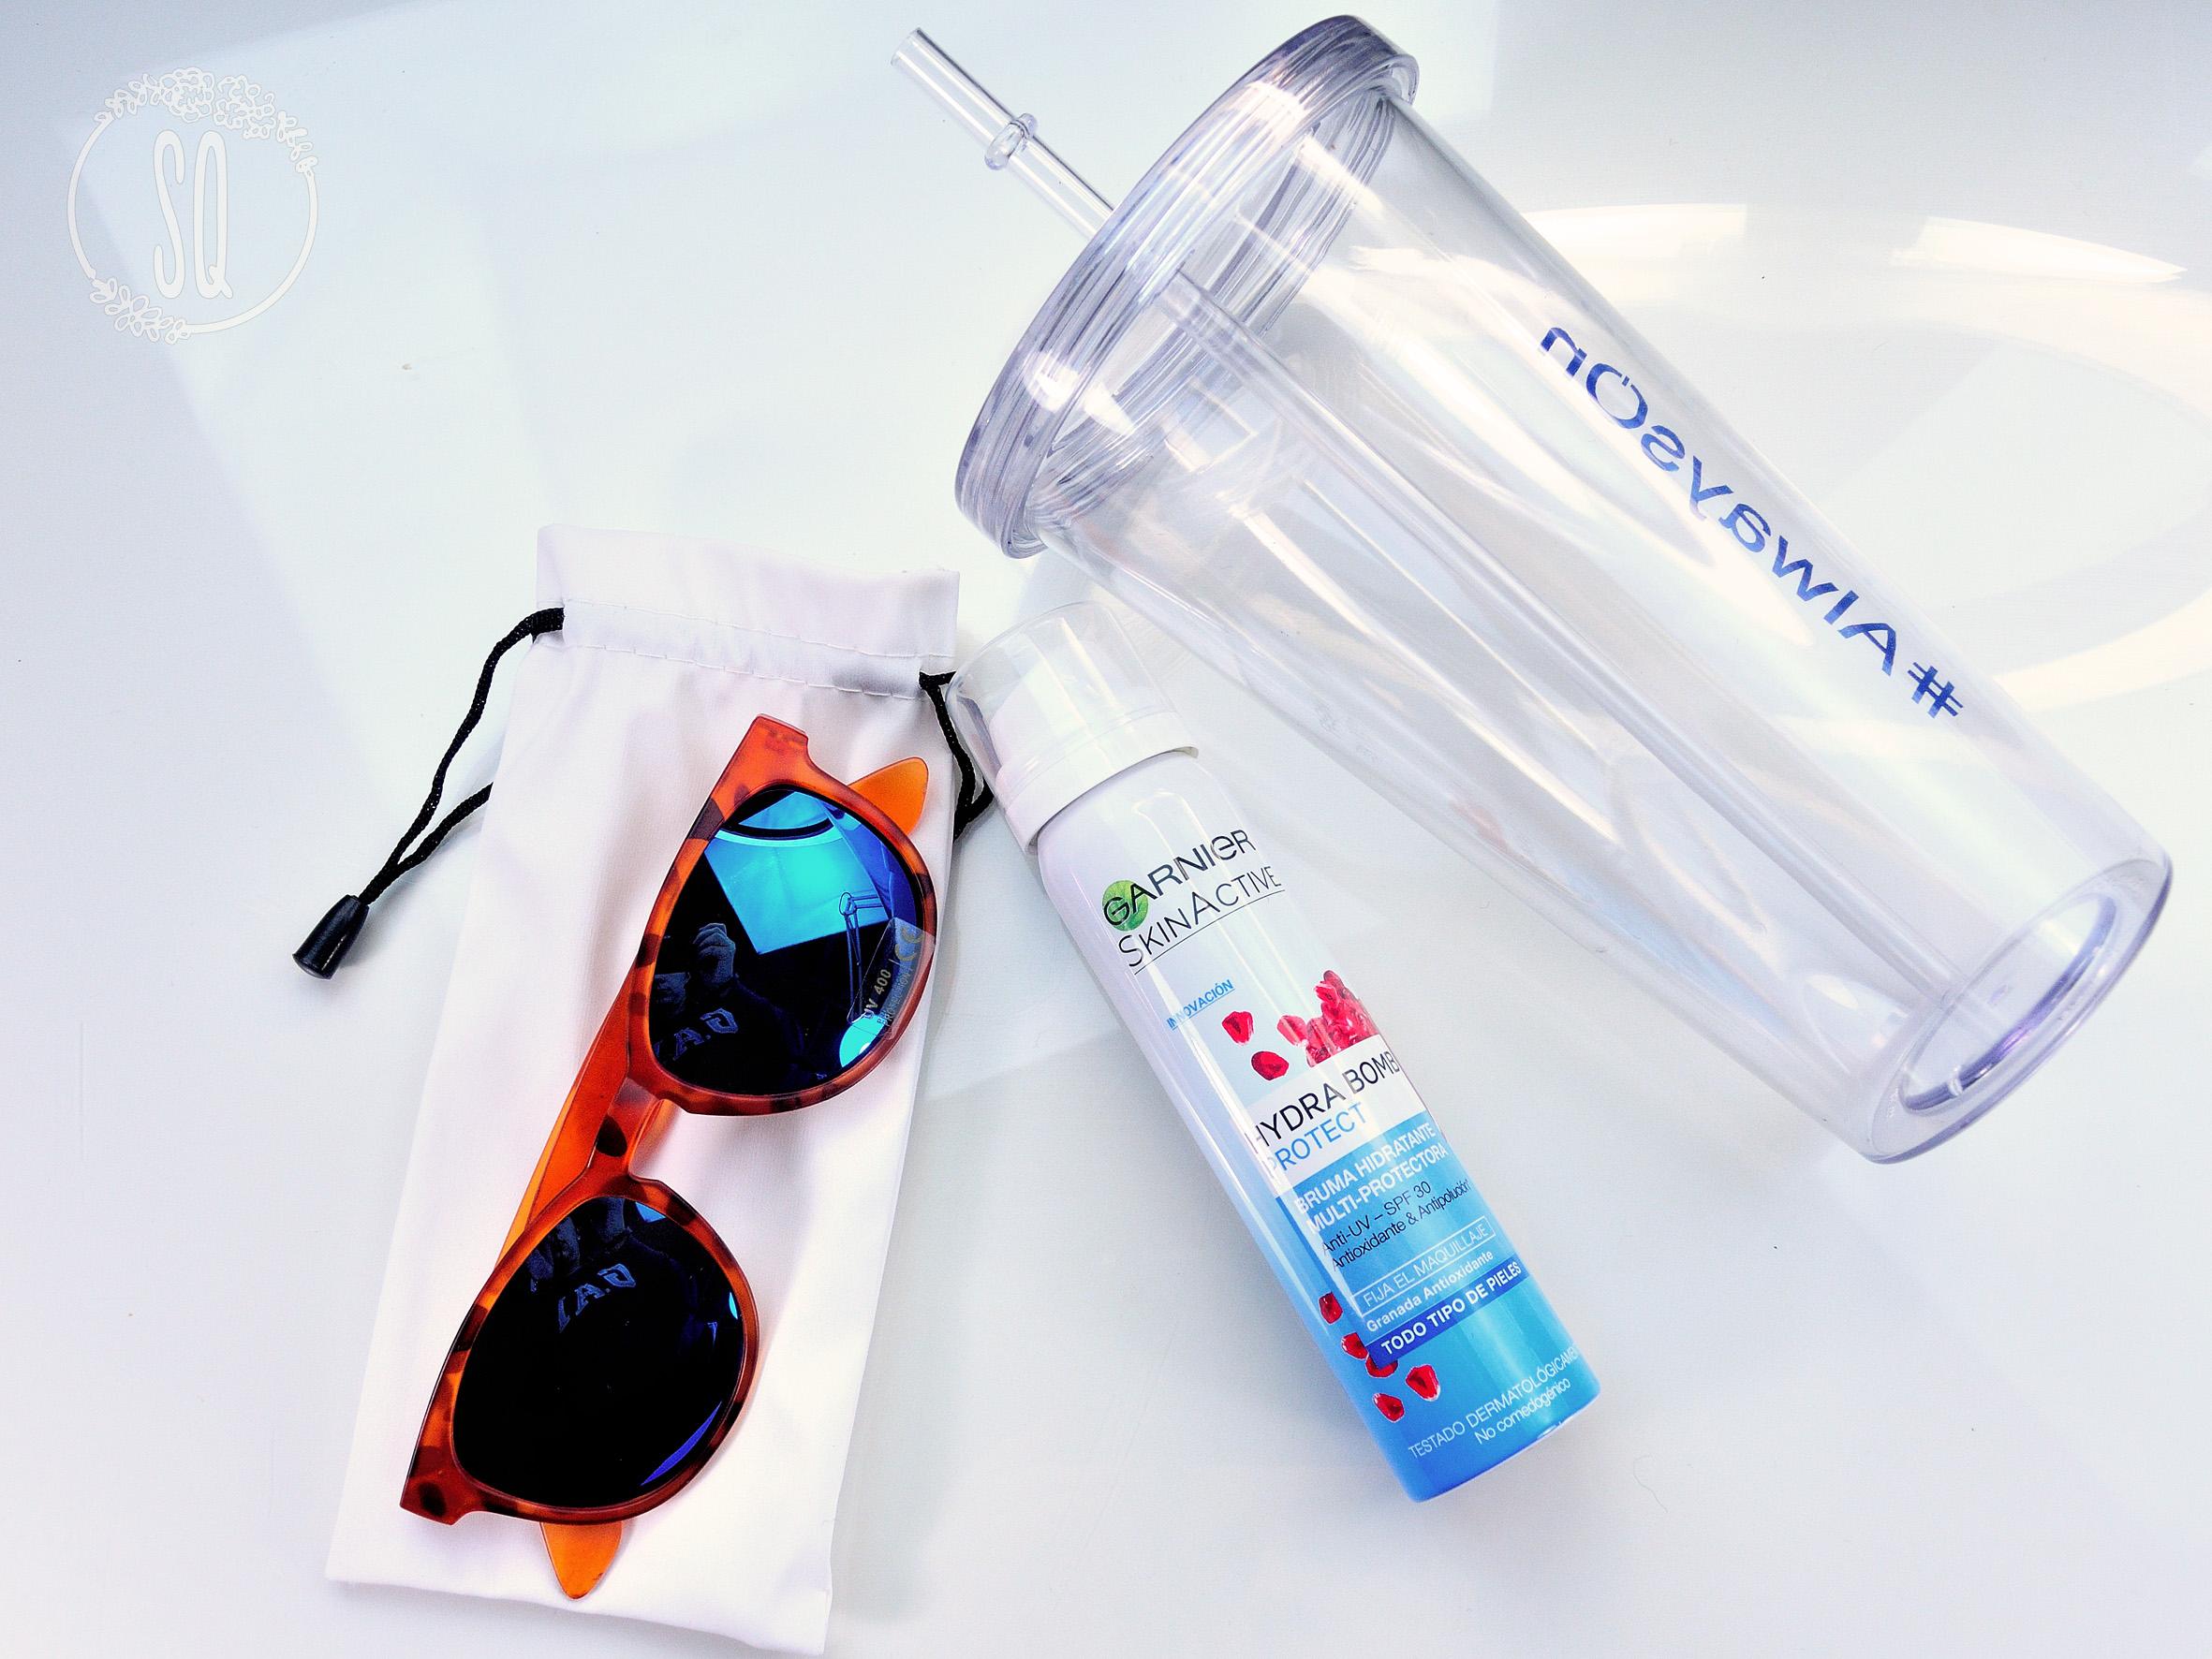 Hydra bomb, hidratación para el verano de Garnier